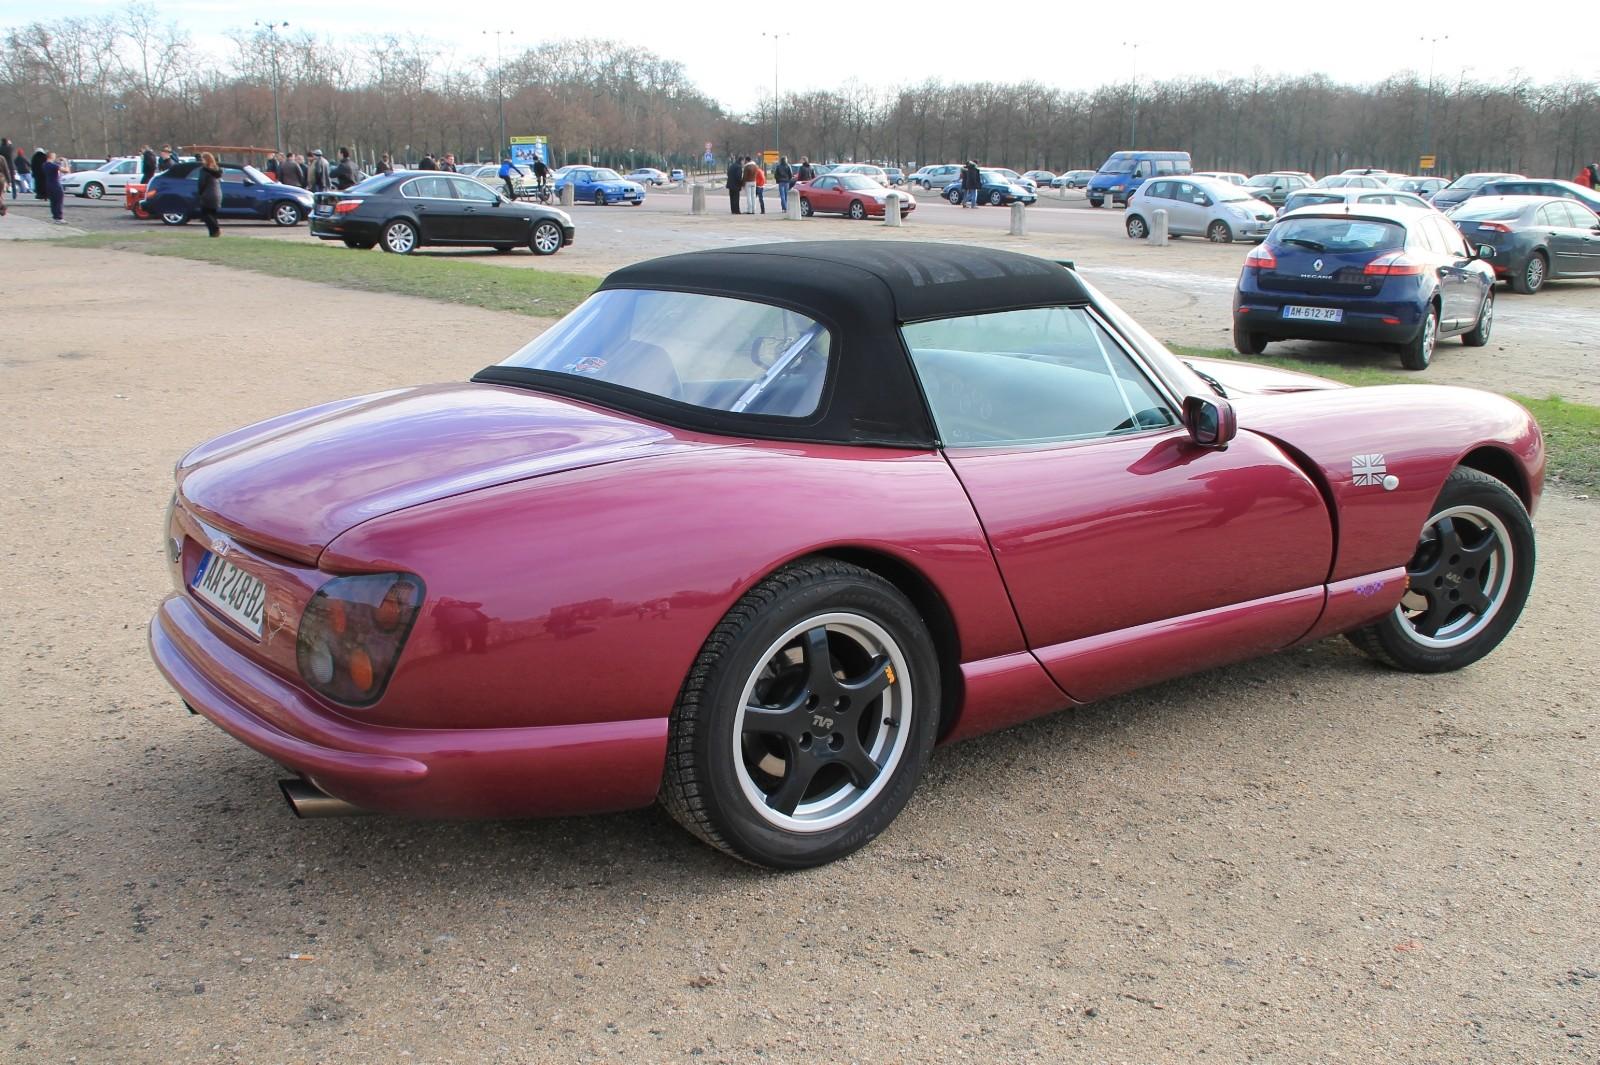 TVR Chimaera 500 2001